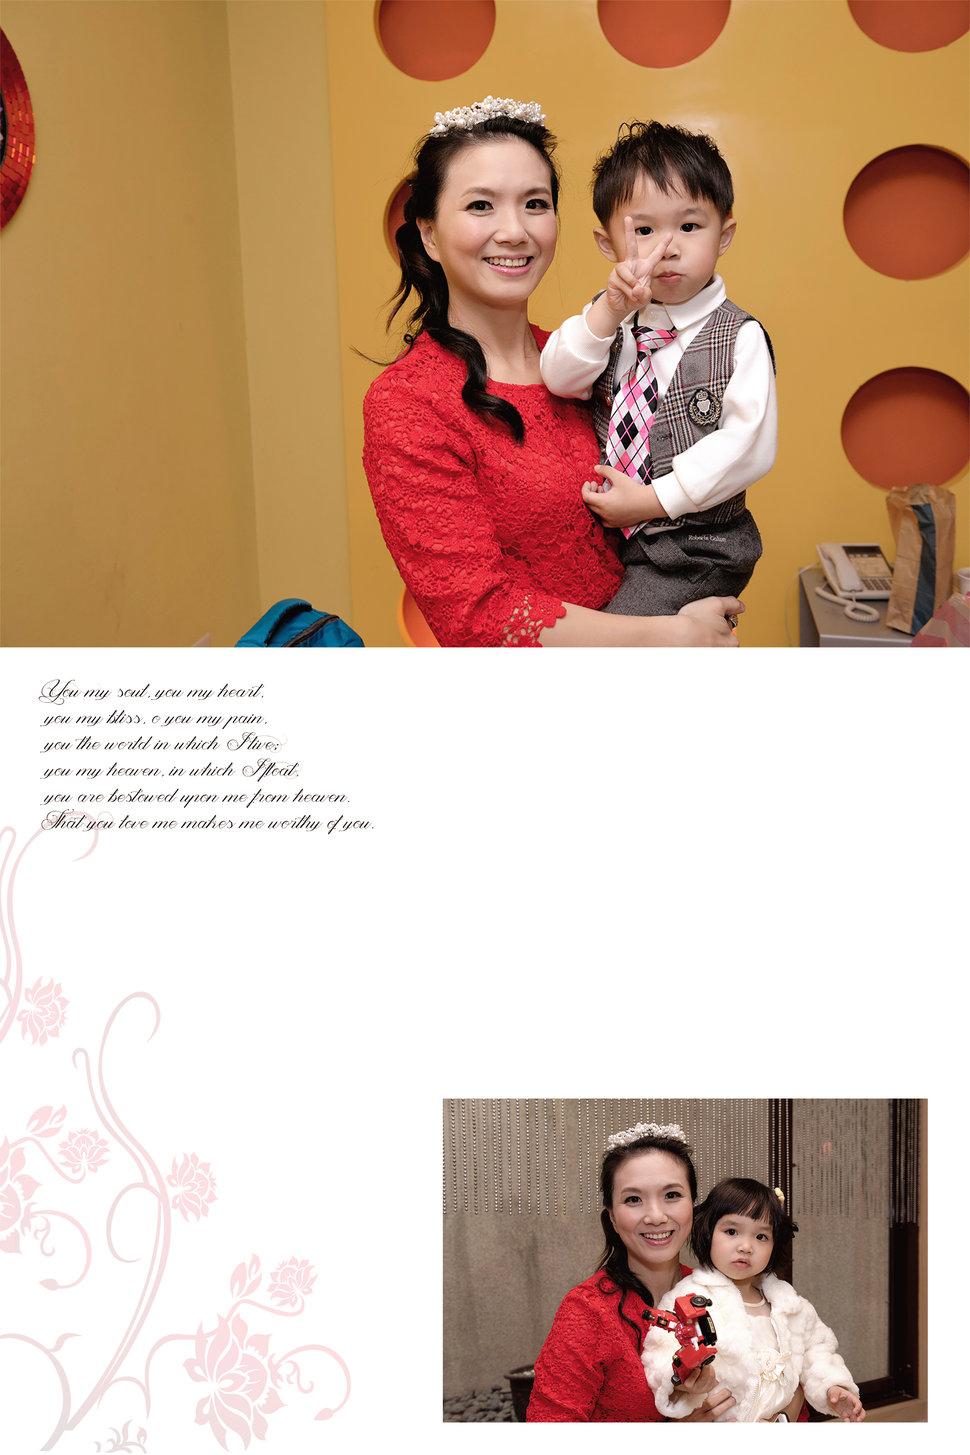 彰化婚攝 婚禮紀錄 結婚單午宴 金悅囍宴館 平面攝影(編號:148422) - D&L 婚禮事務-婚紗攝影/婚禮記錄 - 結婚吧